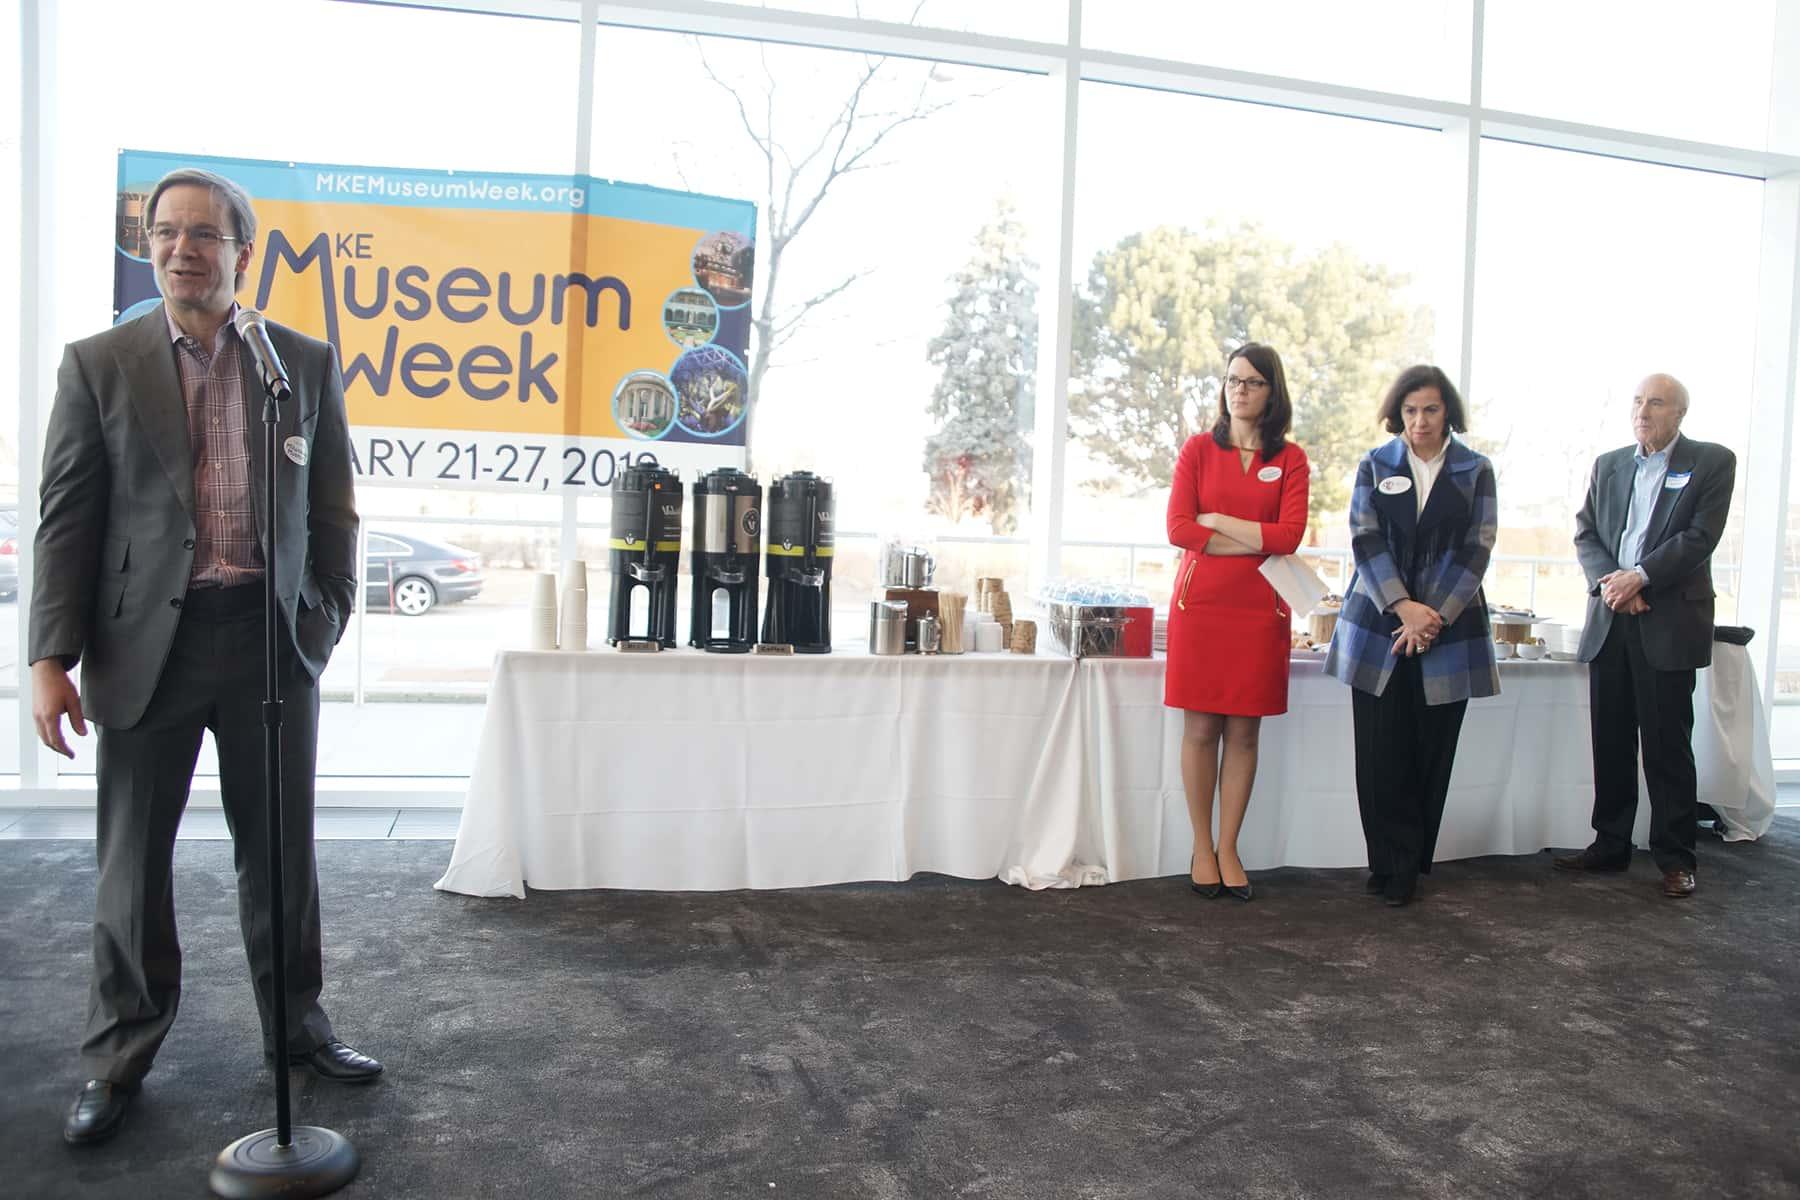 011819_museumweekevent_441